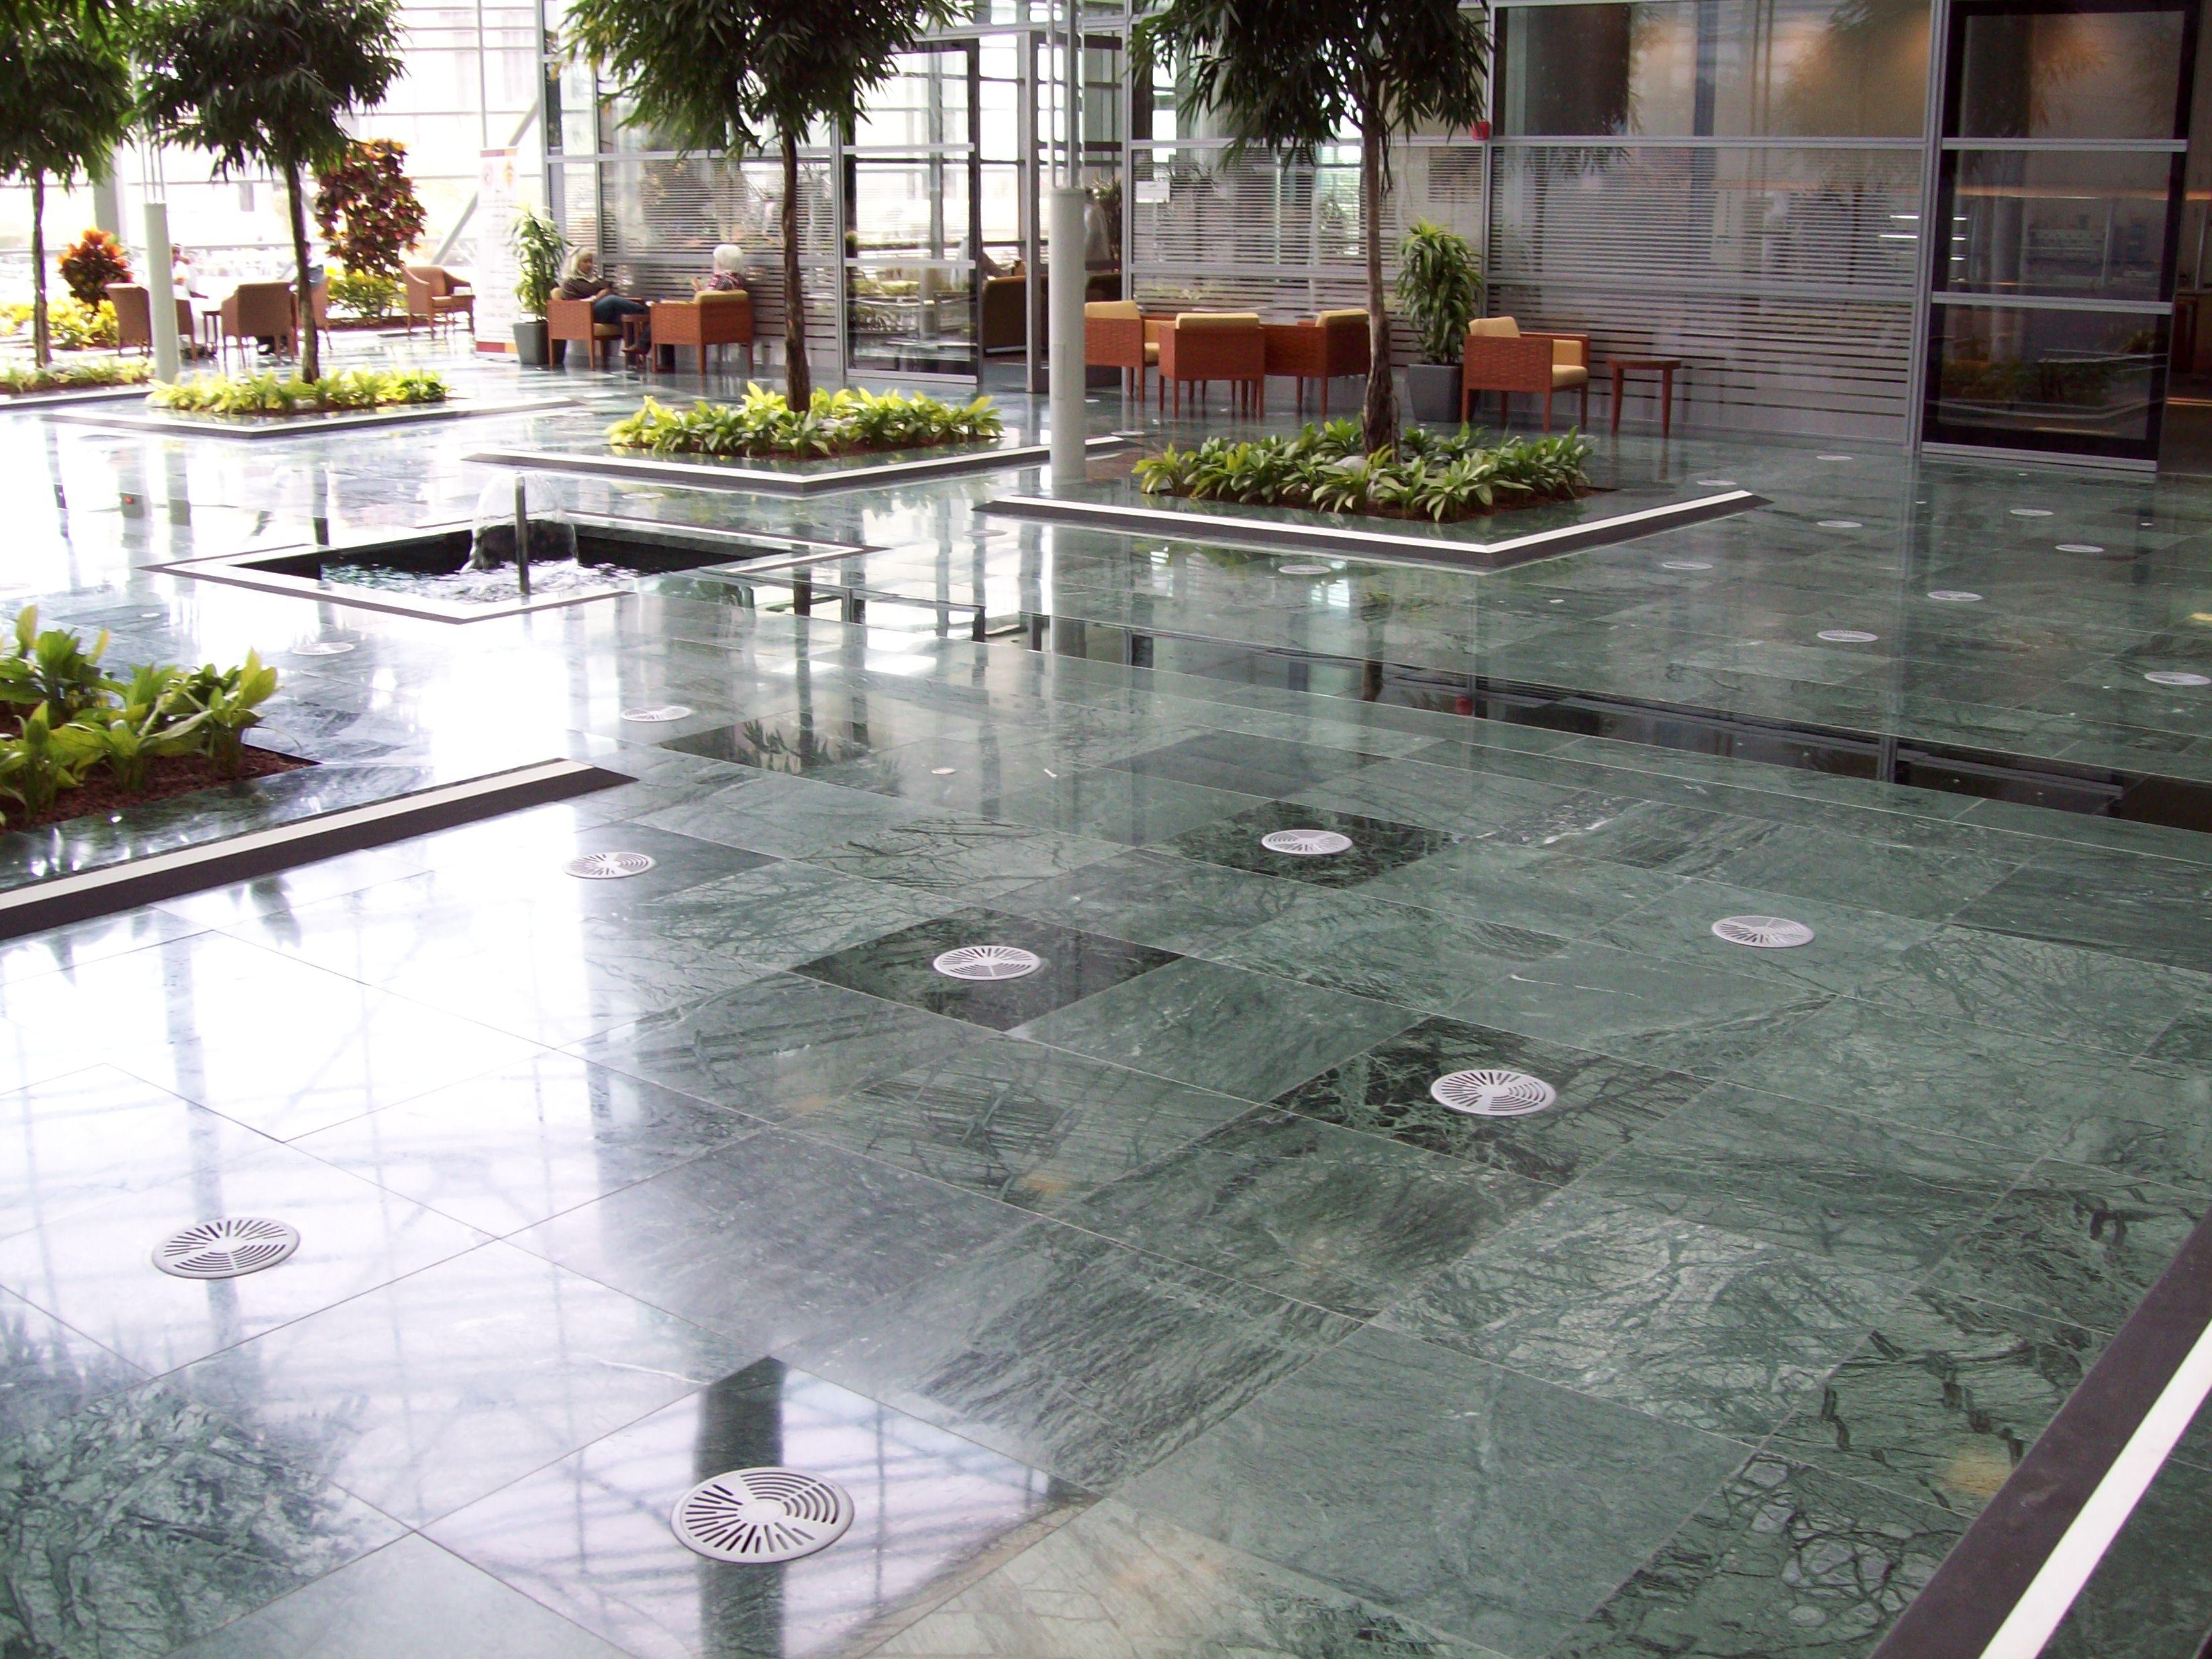 SAB MARMO 013 State Audit Bureau: Nesite raised floors in Kuwait